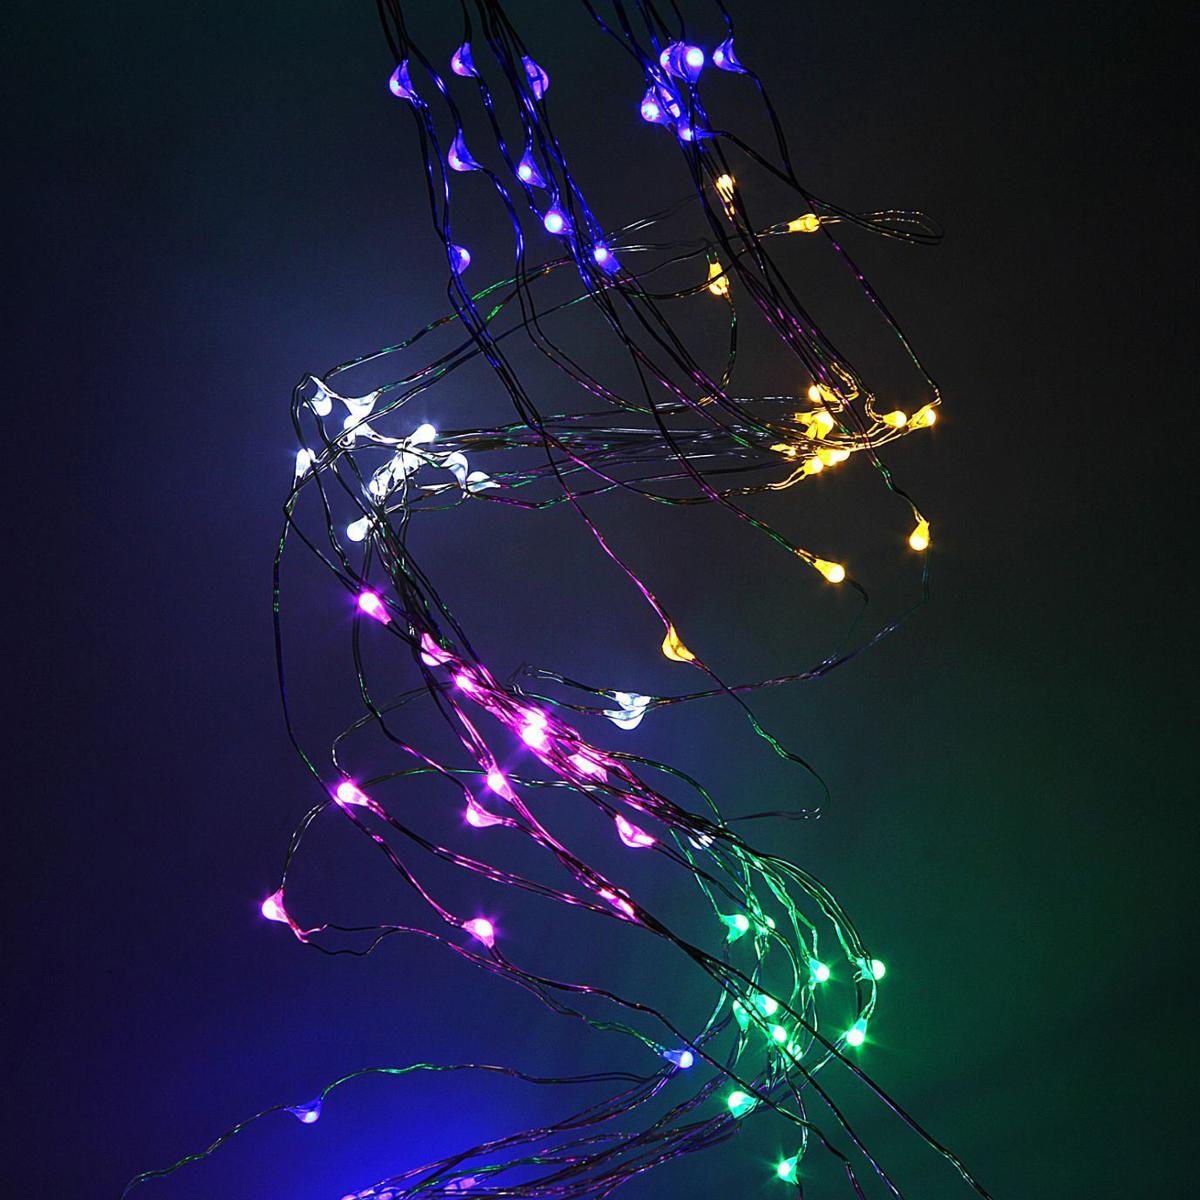 Гирлянда светодиодная Luazon Конский хвост, цвет: мультиколор, 120 ламп, 8 режимов, 12 V, 10 нитей, длина 1 м. 10806011080300Светодиодные гирлянды и ленты — это отличный вариант для новогоднего оформления интерьера или фасада. С их помощью помещение любого размера можно превратить в праздничный зал, а внешние элементы зданий, украшенные ими, мгновенно станут напоминать очертания сказочного дворца. Такие украшения создают ауру предвкушения чуда. Деревья, фасады, витрины, окна и арки будто специально созданы, чтобы вы украсили их светящимися нитями.